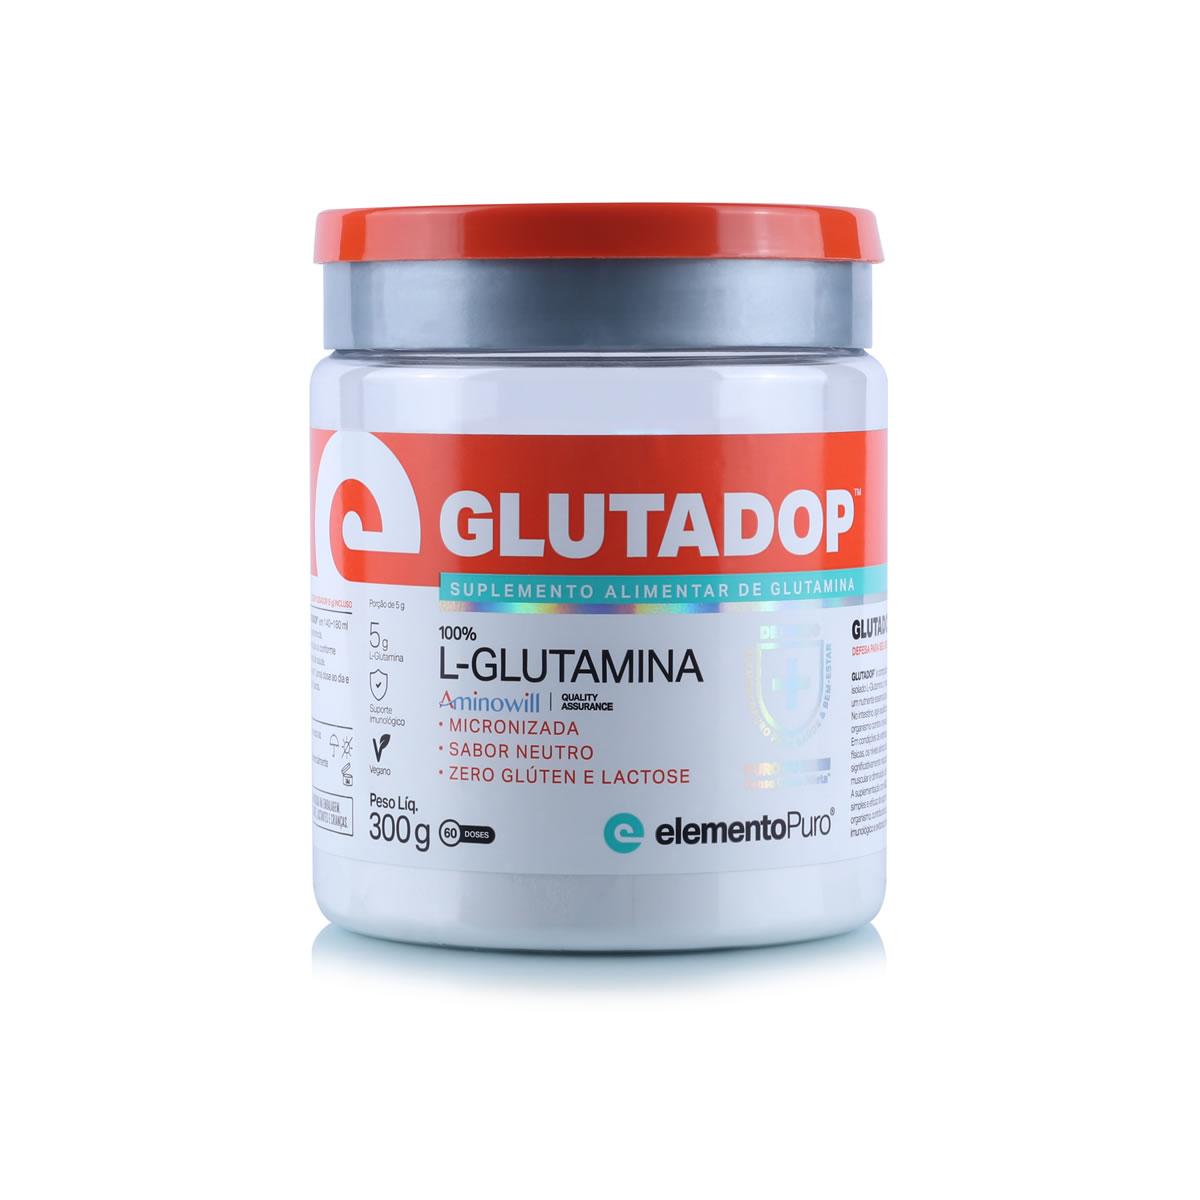 Glutadop Glutamina (300g) Elemento Puro